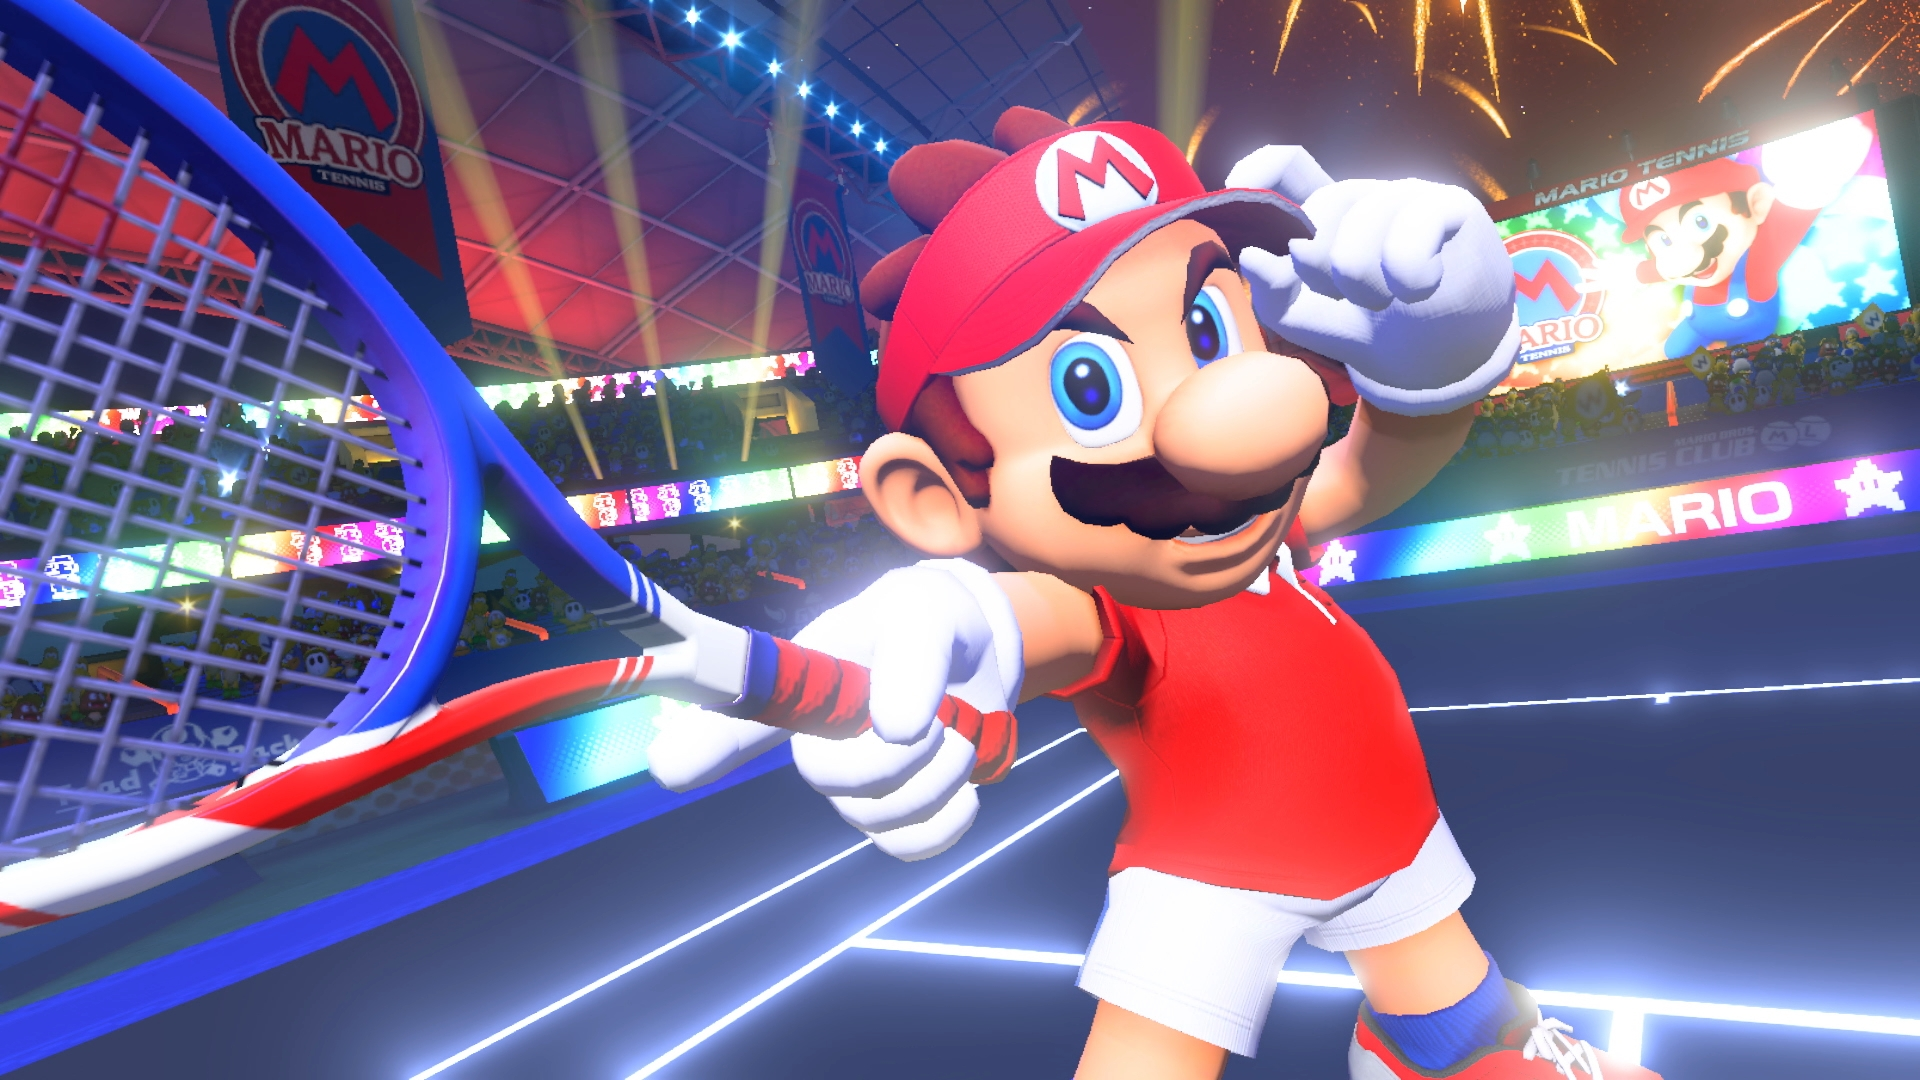 Mario-Tennis-Aces-Screen-1.jpg